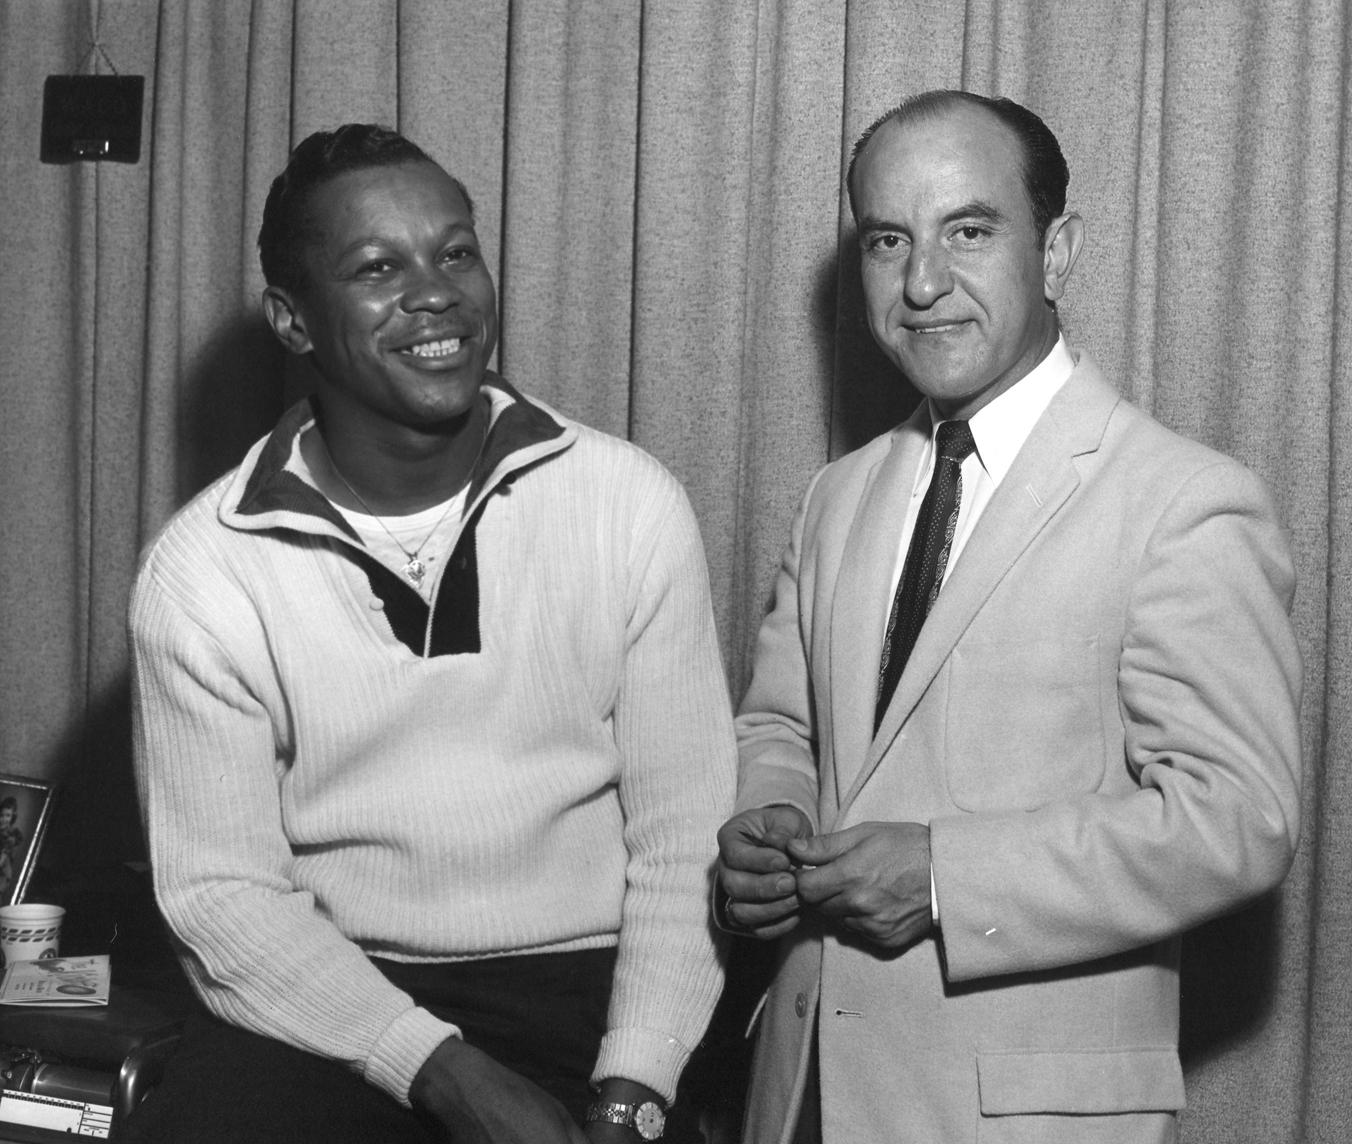 Clyde McFatter & Eddie